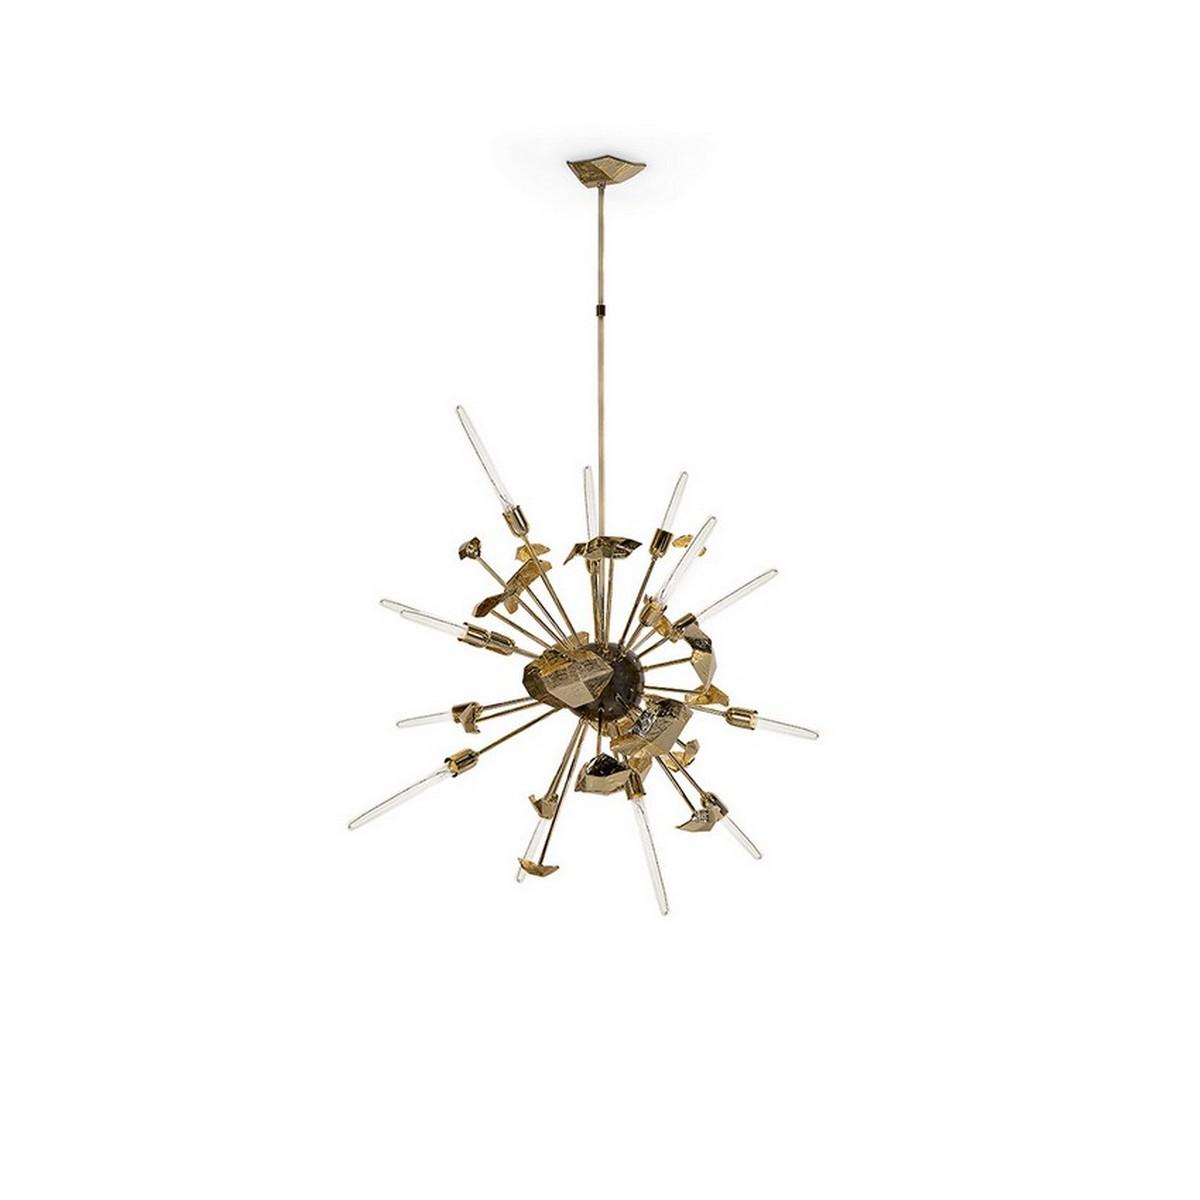 Diseño de Interiores: ideas para piezas elegantes y lujuosas diseño de interiores Diseño de Interiores: ideas para piezas elegantes y lujuosas supernova chandelier boca do lobo 01